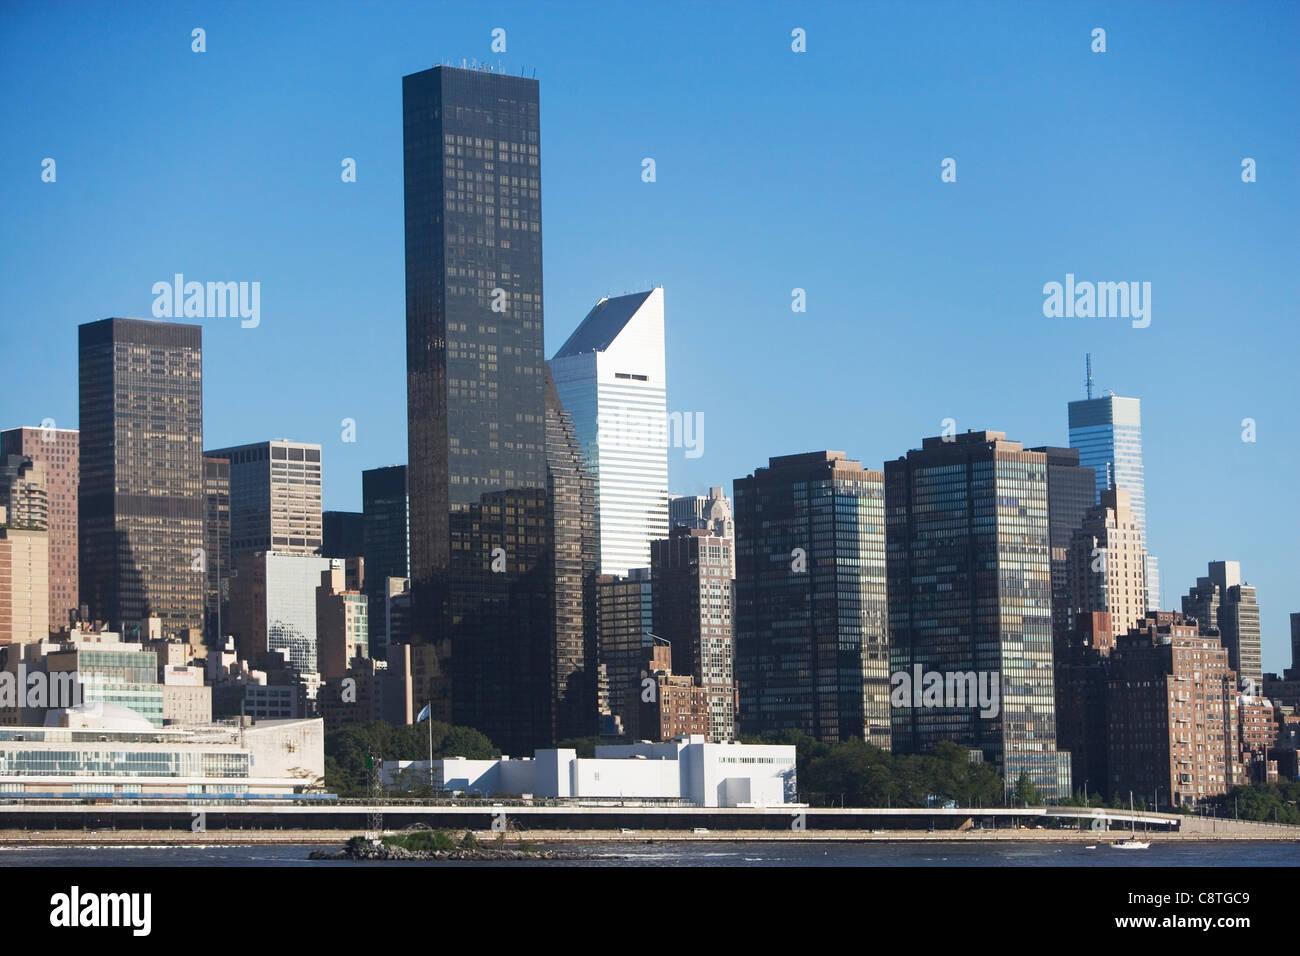 USA, New York State, New York City, Manhattan, Trump Worldwide Plaza - Stock Image